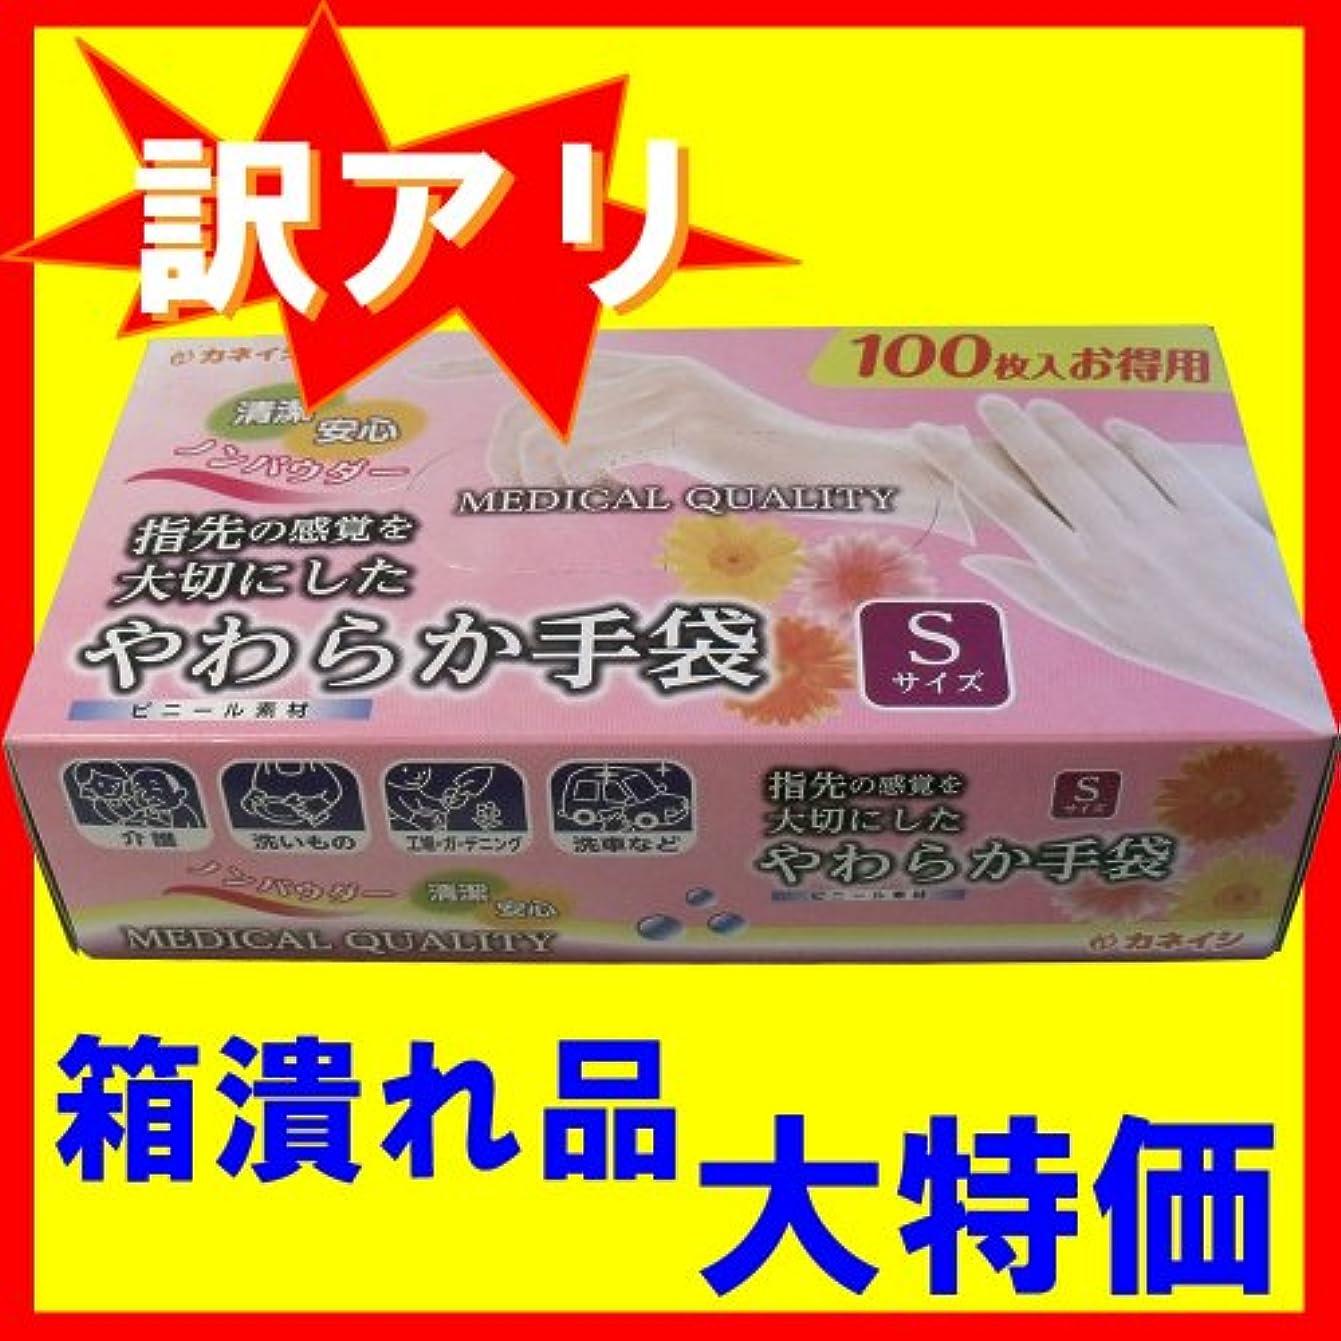 注入する揮発性サンダル【訳アリ】金石衛材 やわらか手袋 Sサイズ 100枚入